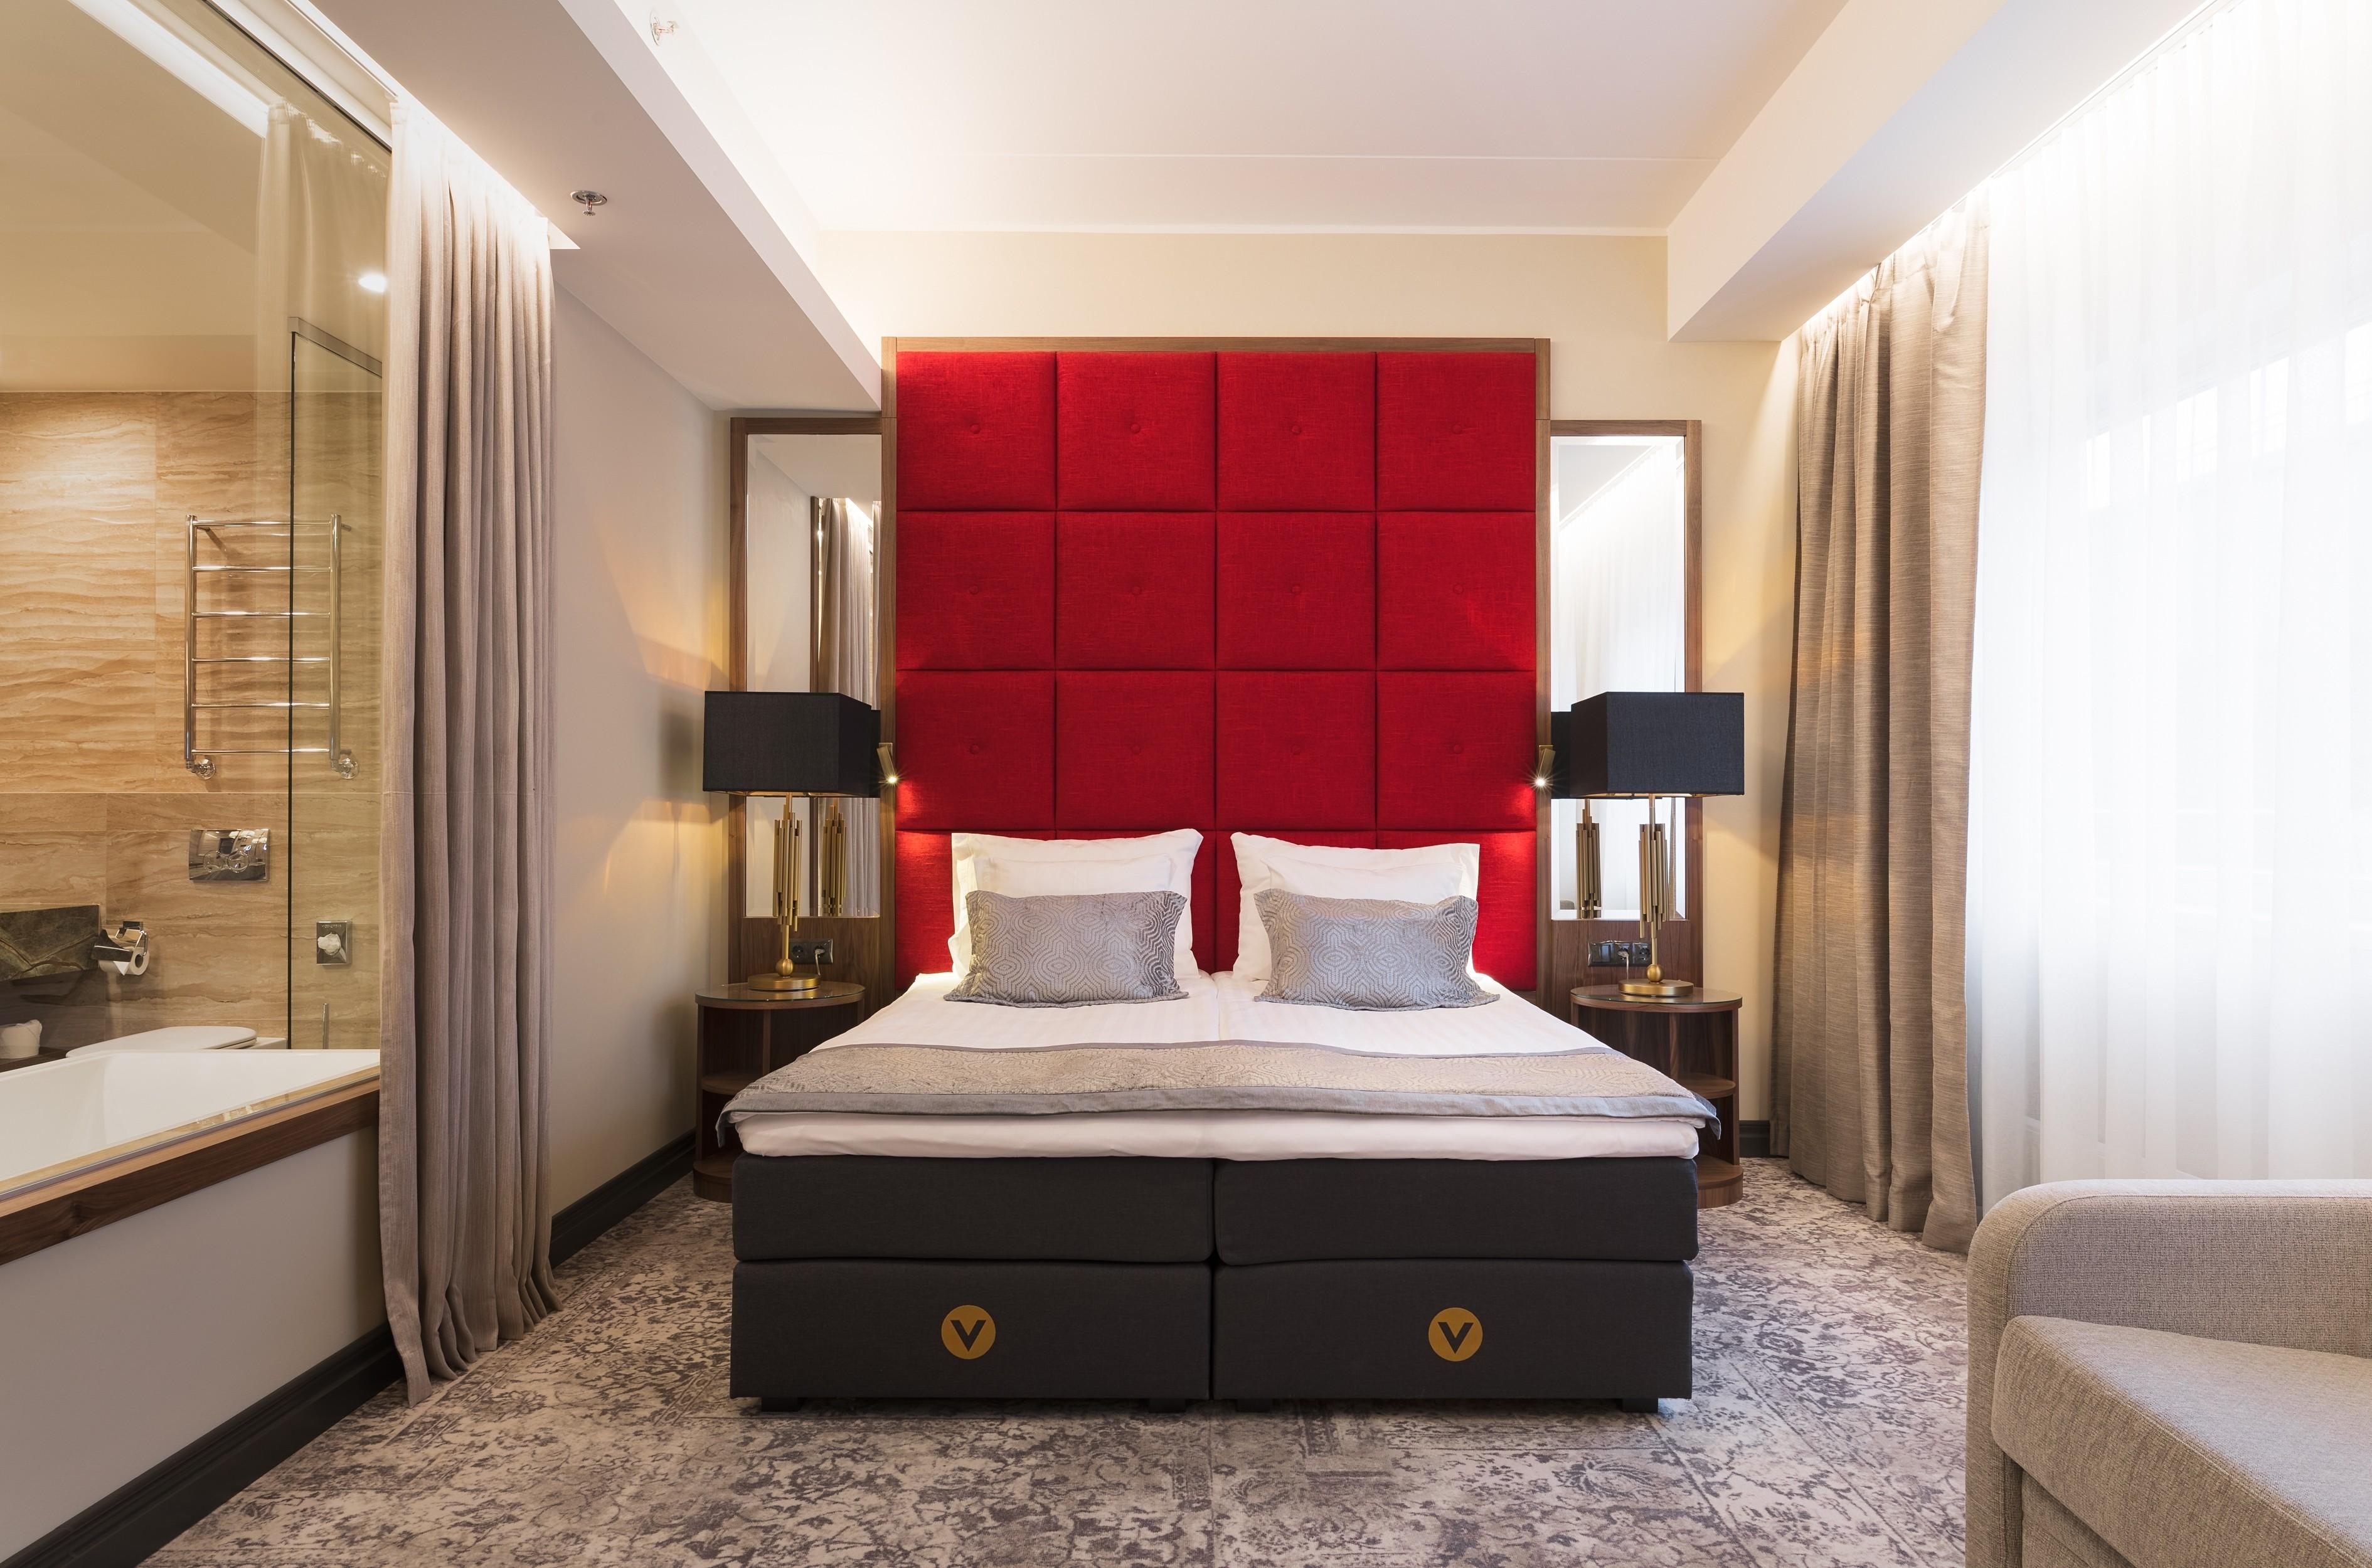 Spa paketid Tartus spa pakkumised V Spa Hotel ja Spa Tartus